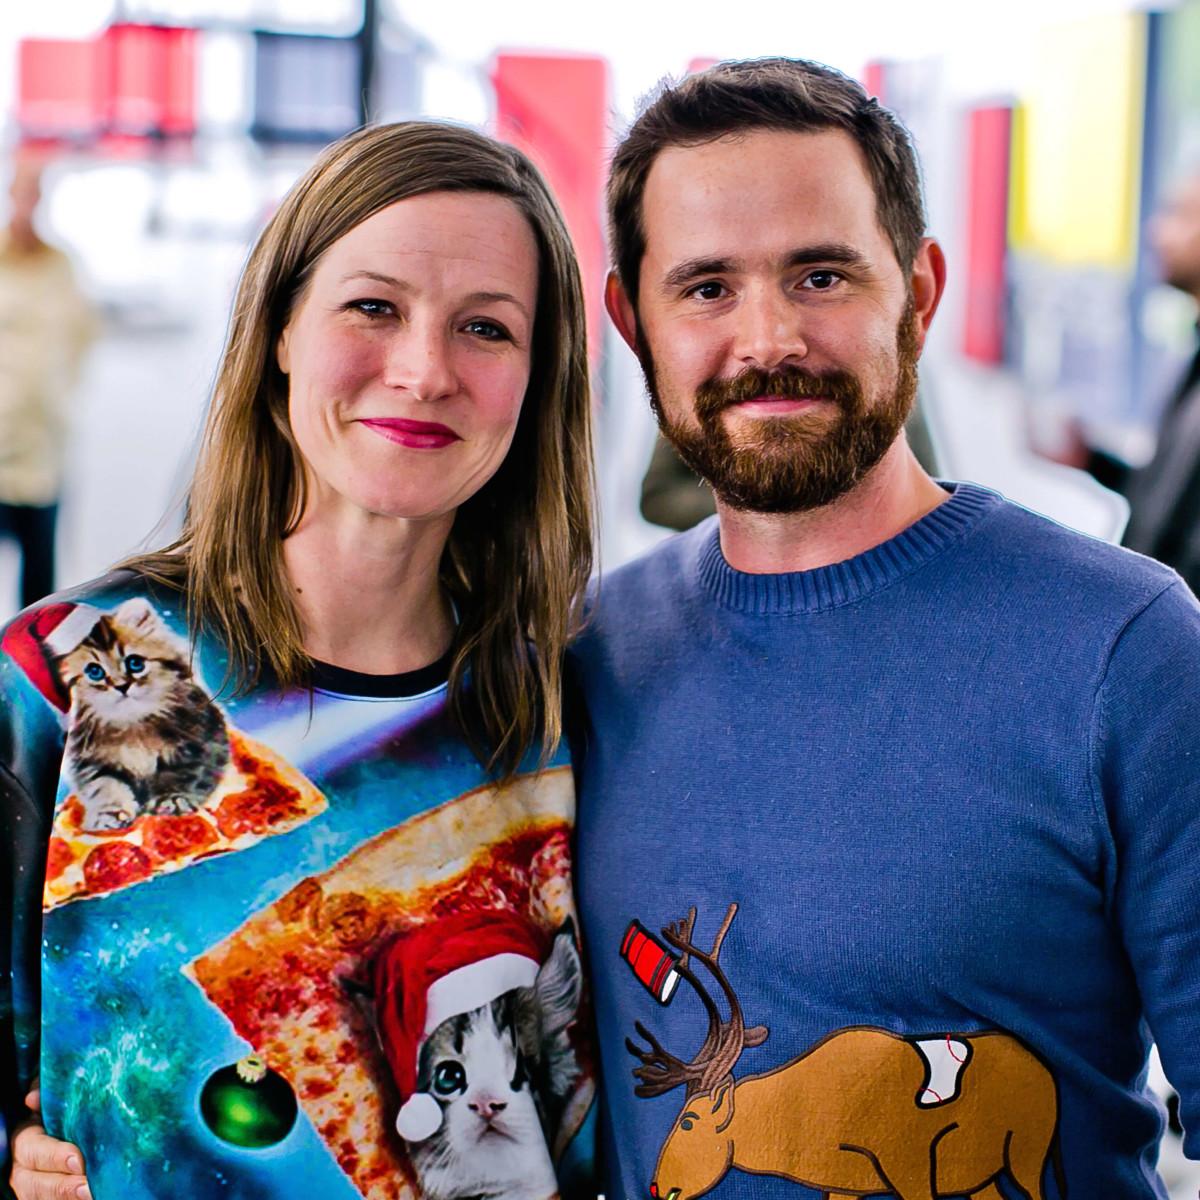 Houston, Fresh Arts Winter Holiday Art Market, Nov 2016, Katie Brittain, Stephen Brittain